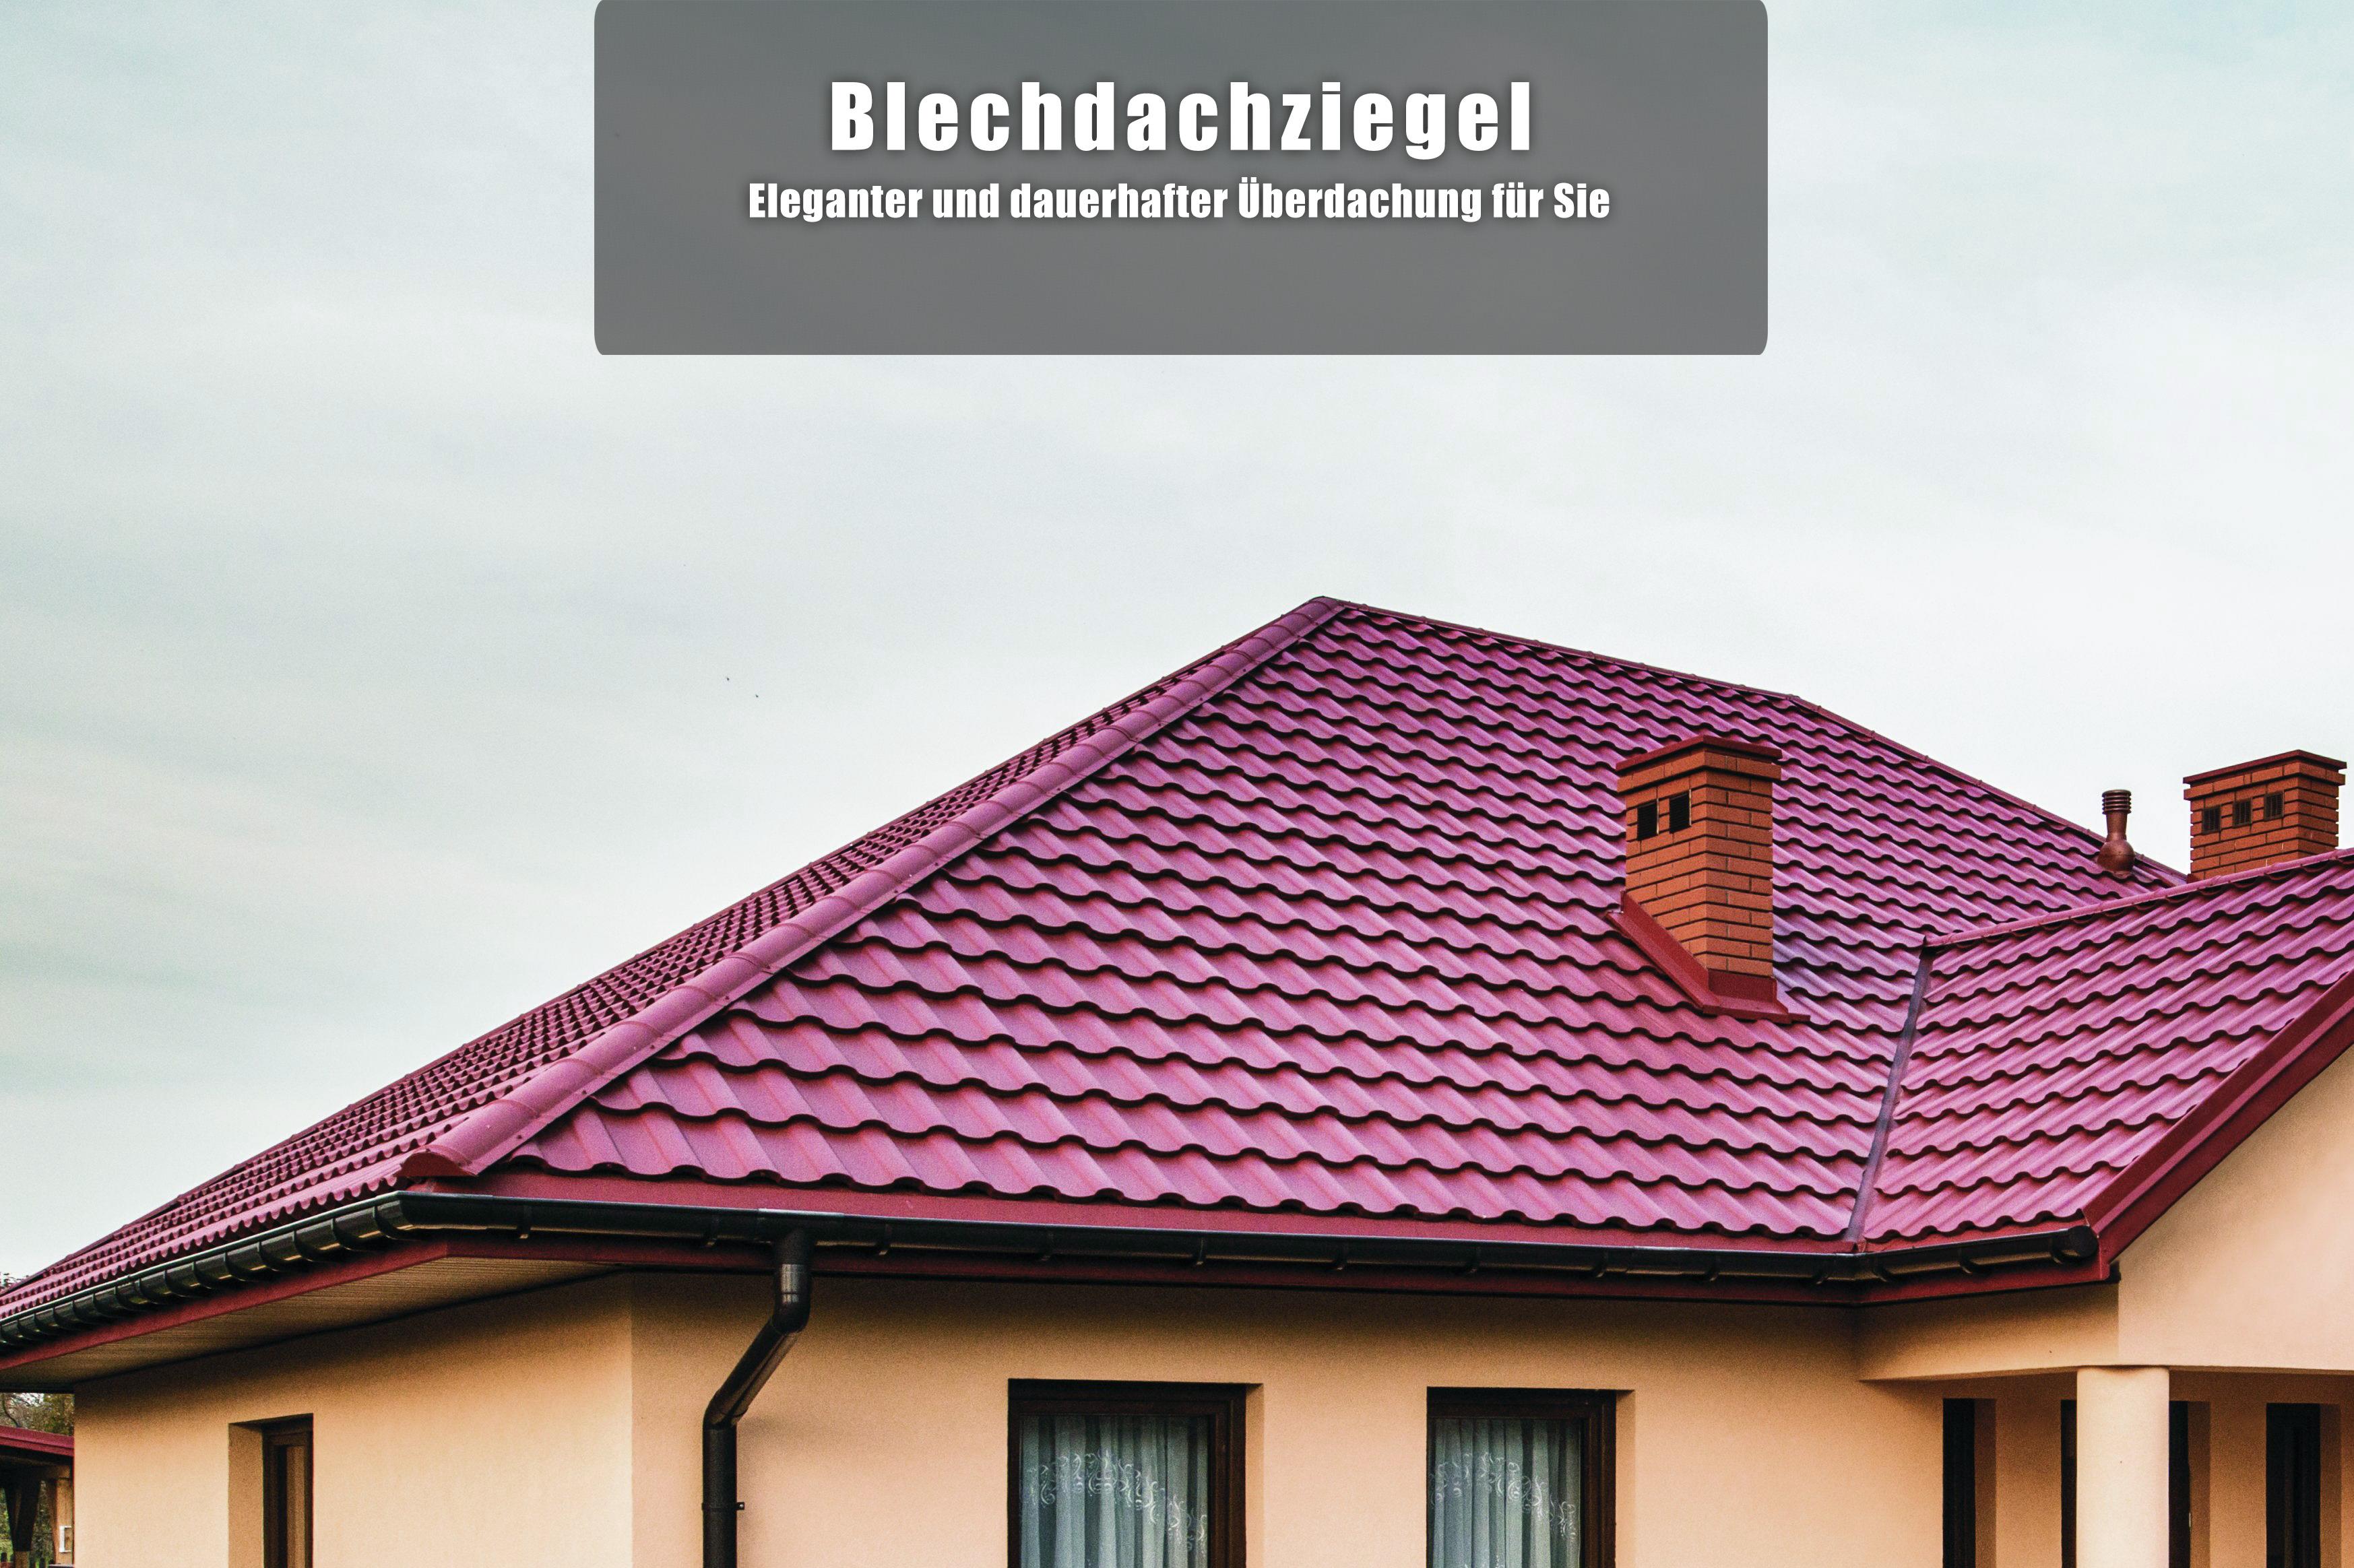 blachy_slider_de1